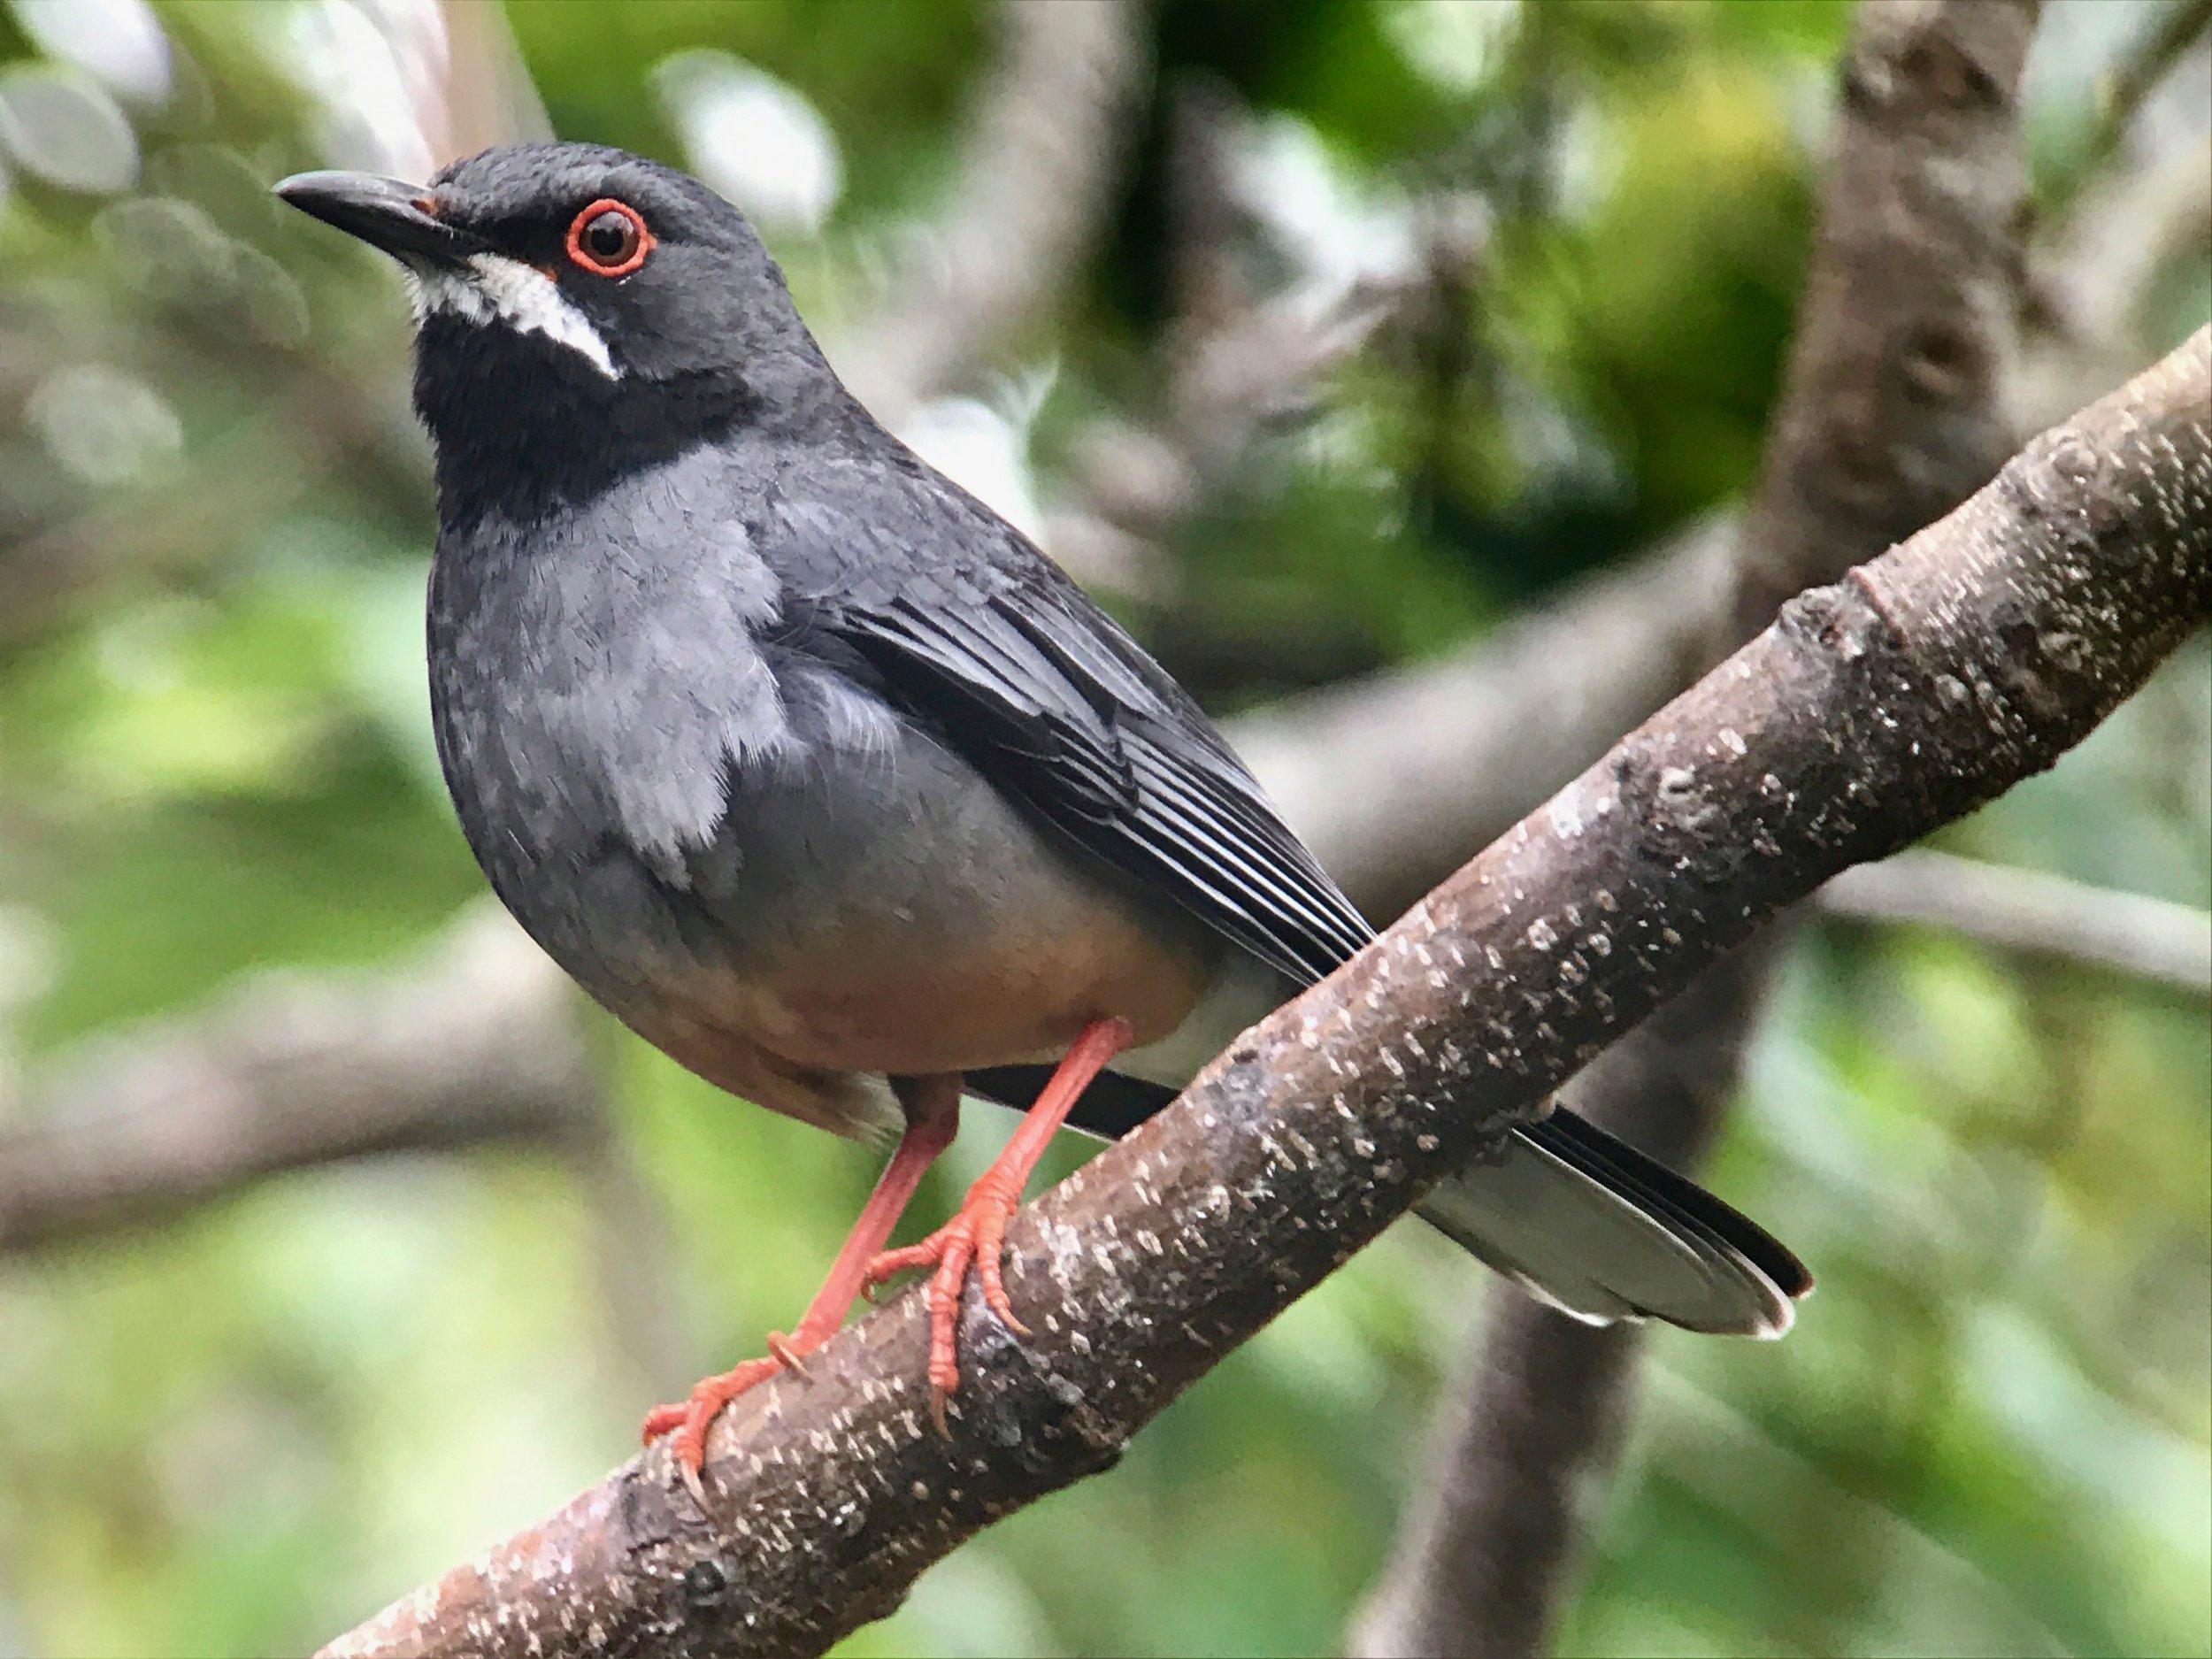 Red-legged thrush.